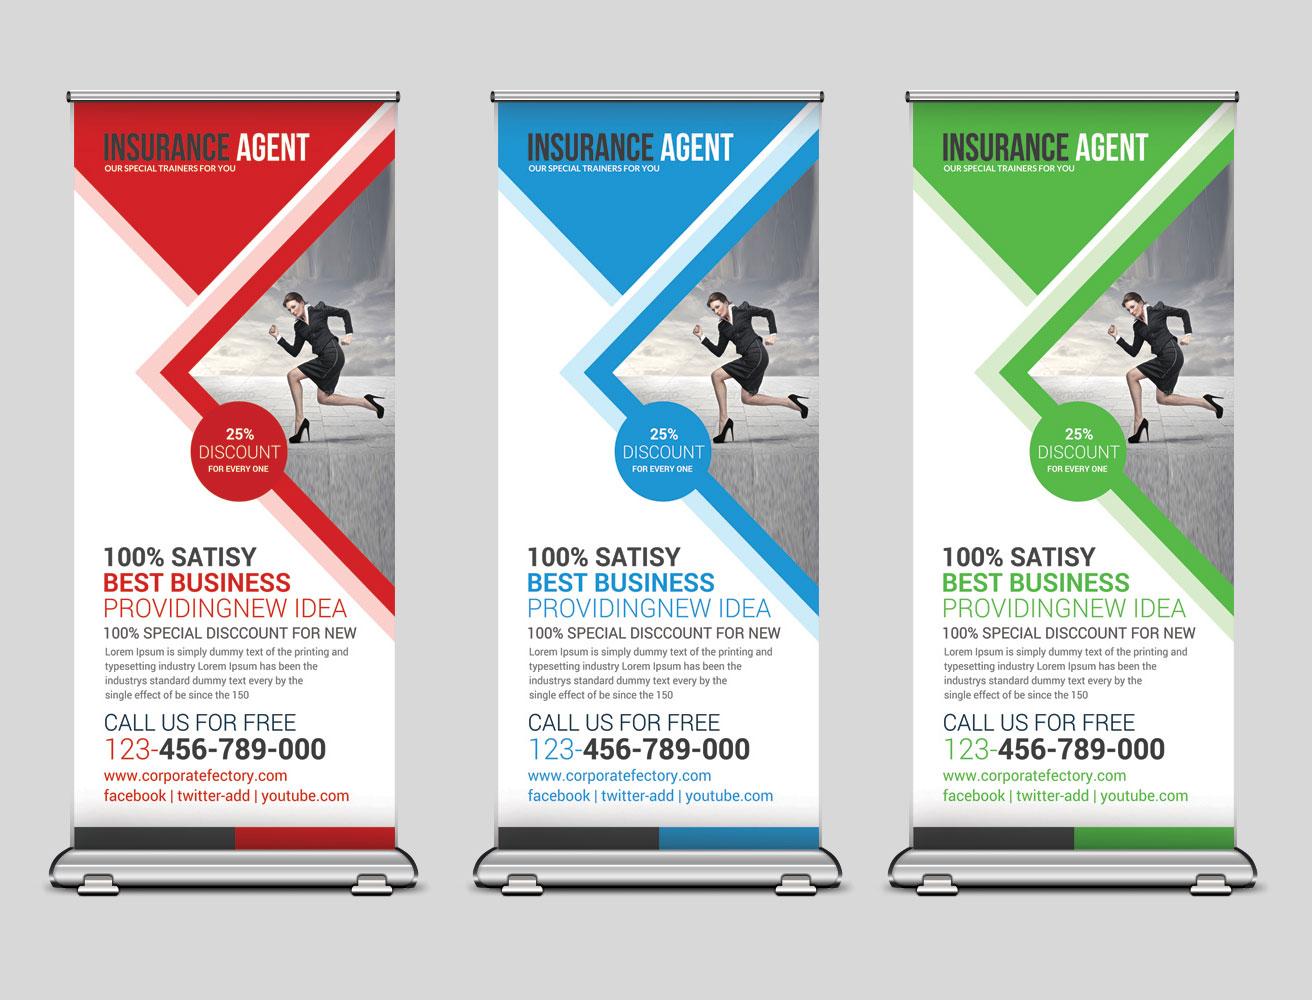 استند بنر لایه باز تجاری بصورت طرح آماده رول آپ بنر با طراحی مثلثی در سه رنگ زیبا